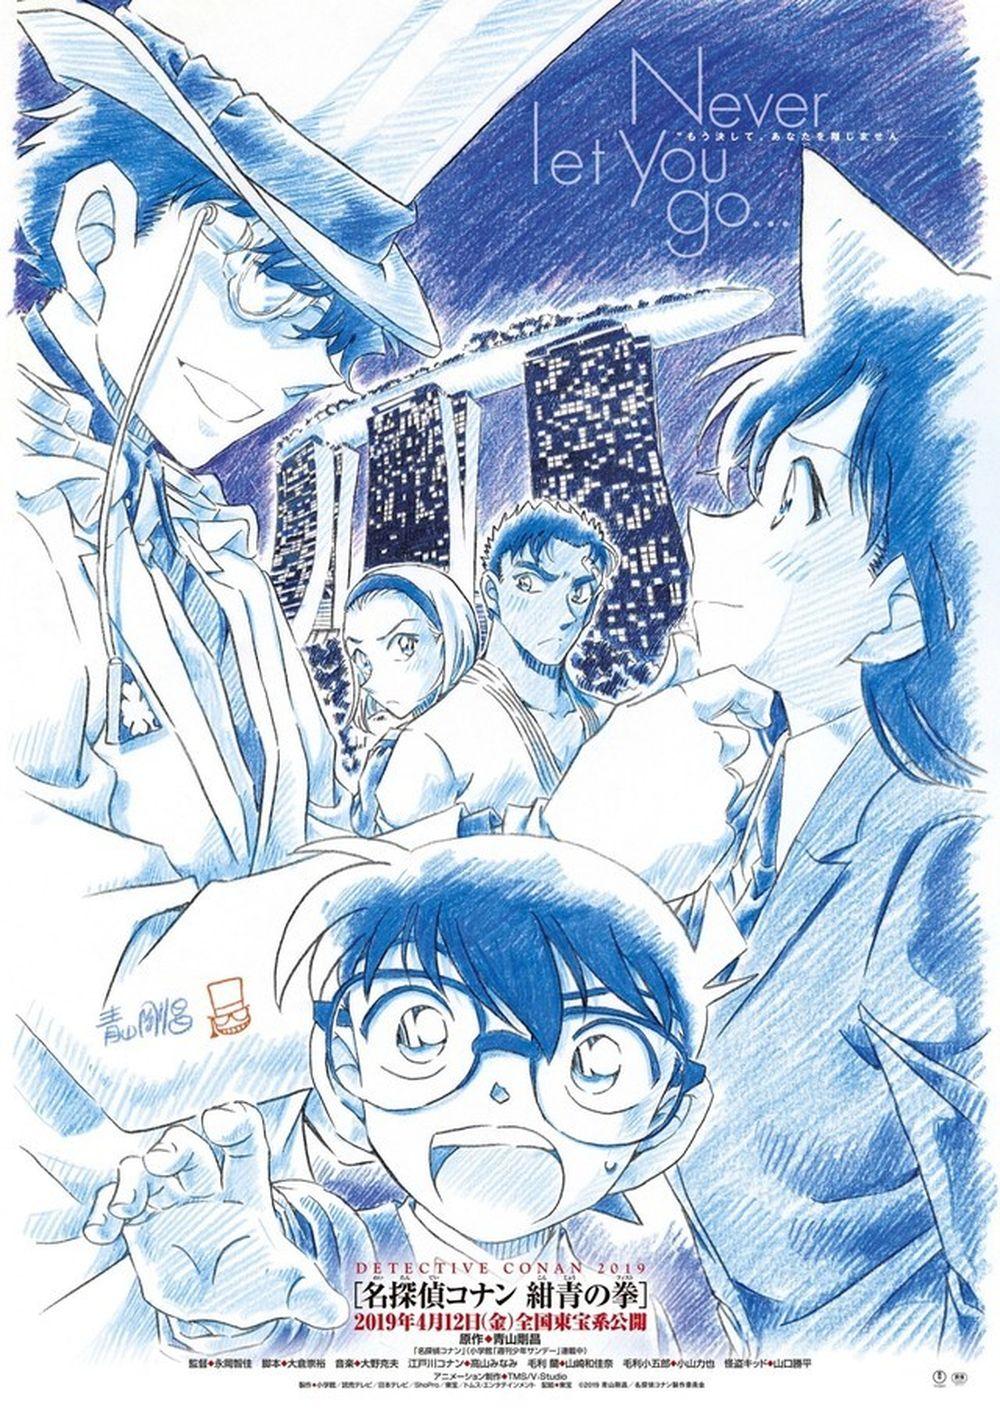 Có thể thấy trên poster là bốn nhân vật quen thuộc Conan, Ran, Kaito Kid, Sonoko và bạn trai của Sonoko - Makoto. Makoto là đội trưởng của câu lạc bộ karate ...